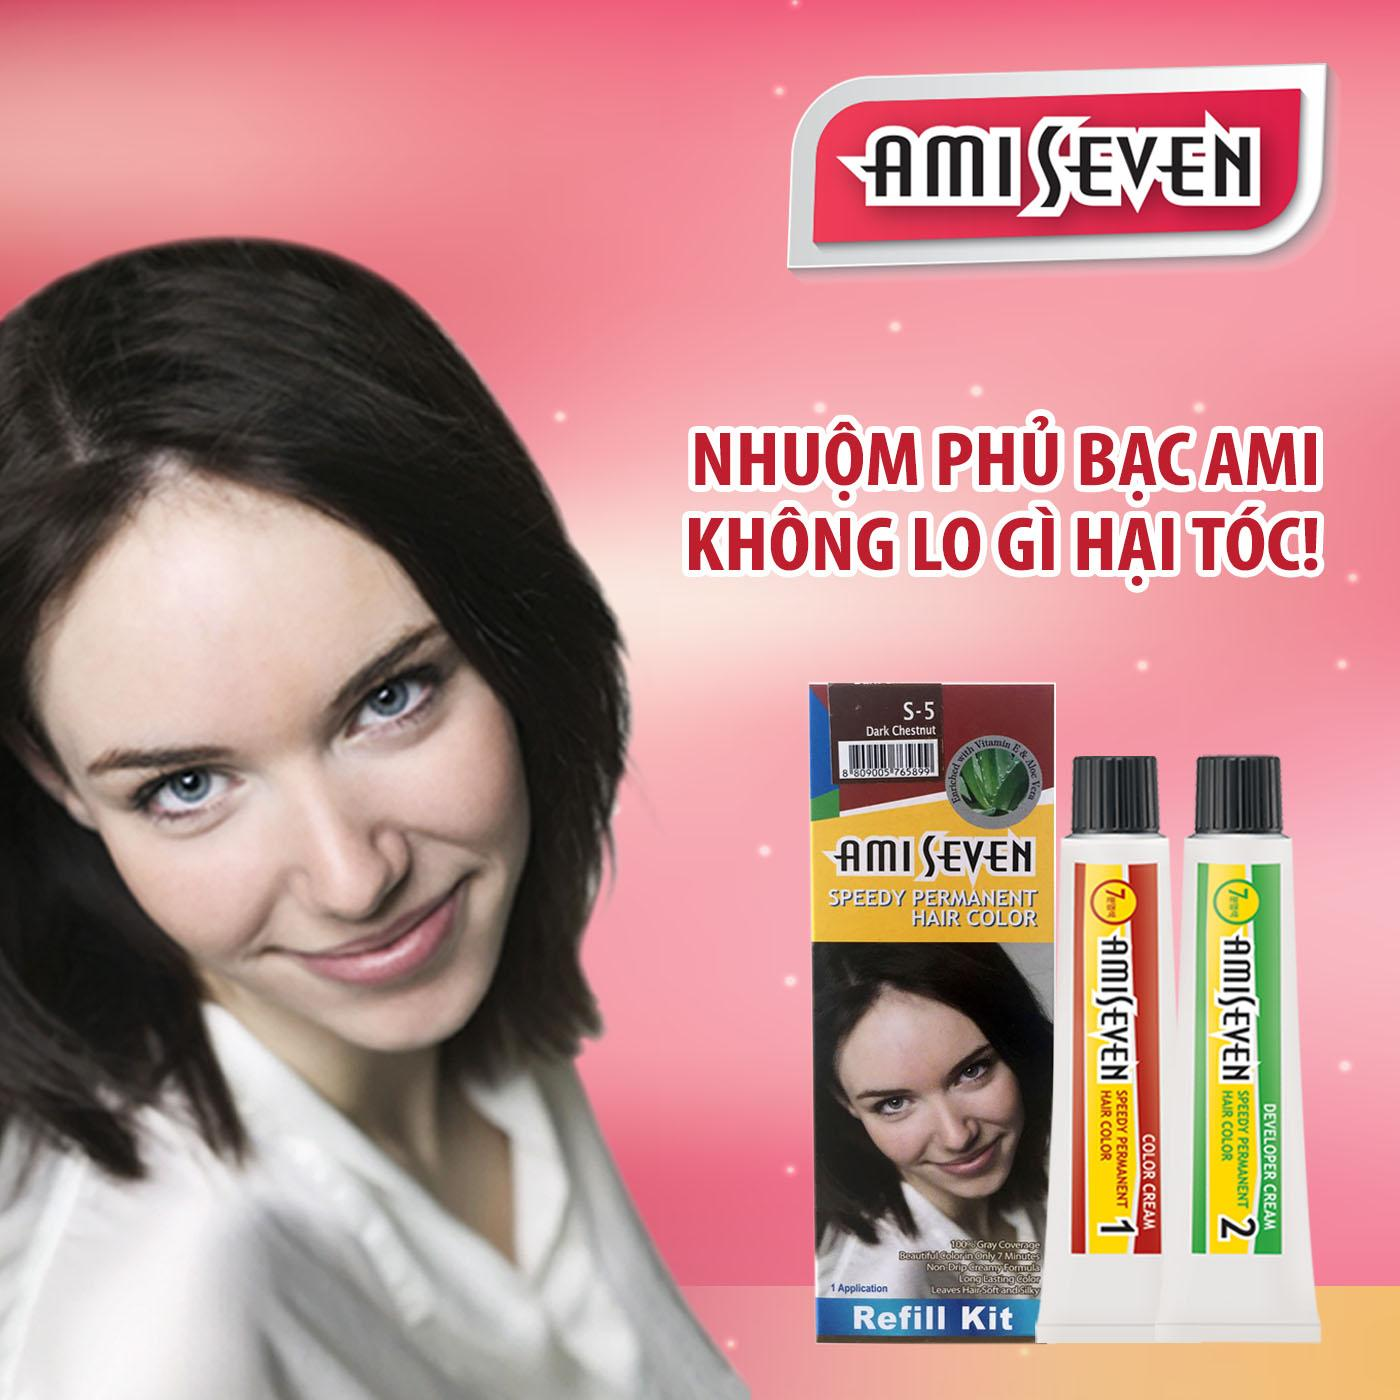 Nhuộm phủ bạc dược thảo Ami Seven Speedy Permanent Hair Color  (60g/60g) nhanh 7 phút - Hàn Quốc - loại tiết kiệm- Màu S5- Hạt dẻ đậm